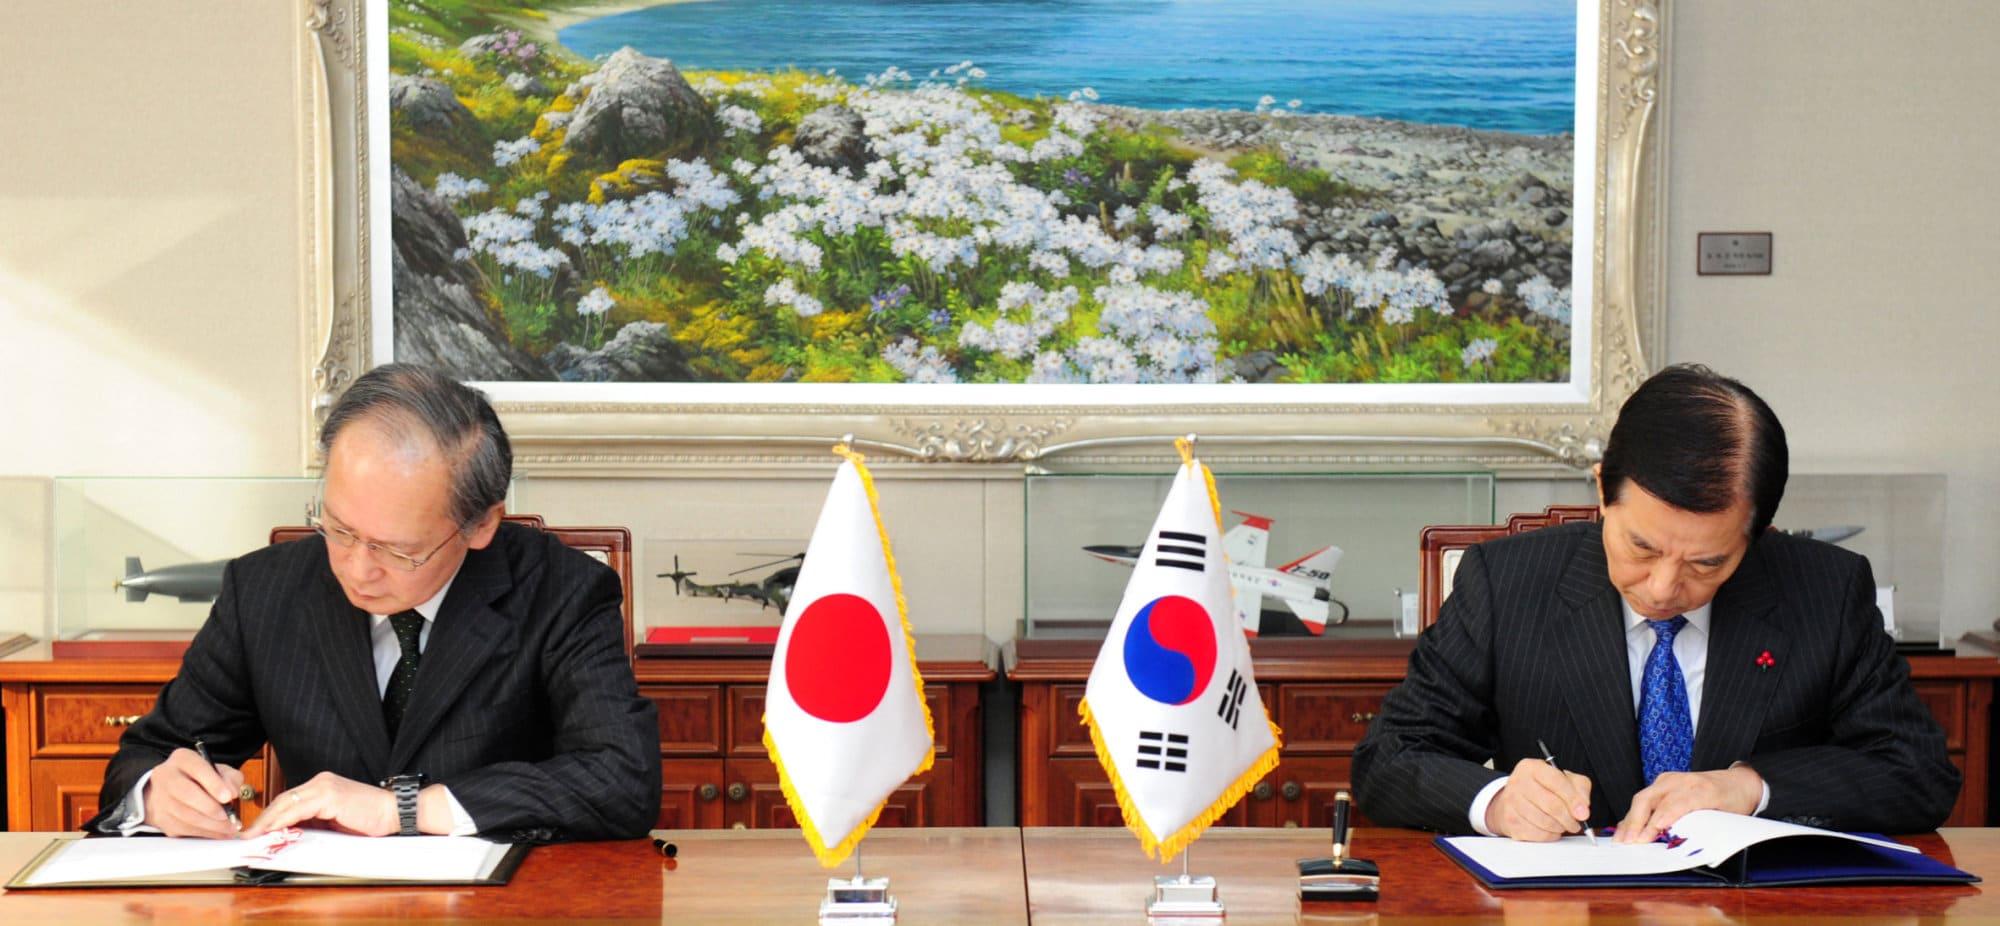 انتقال أكبر منصات تداول البيتكوين الصينية  إلى اليابان ، و اتفاق كوريا الجنوبية مع أكبر البنوك هناك